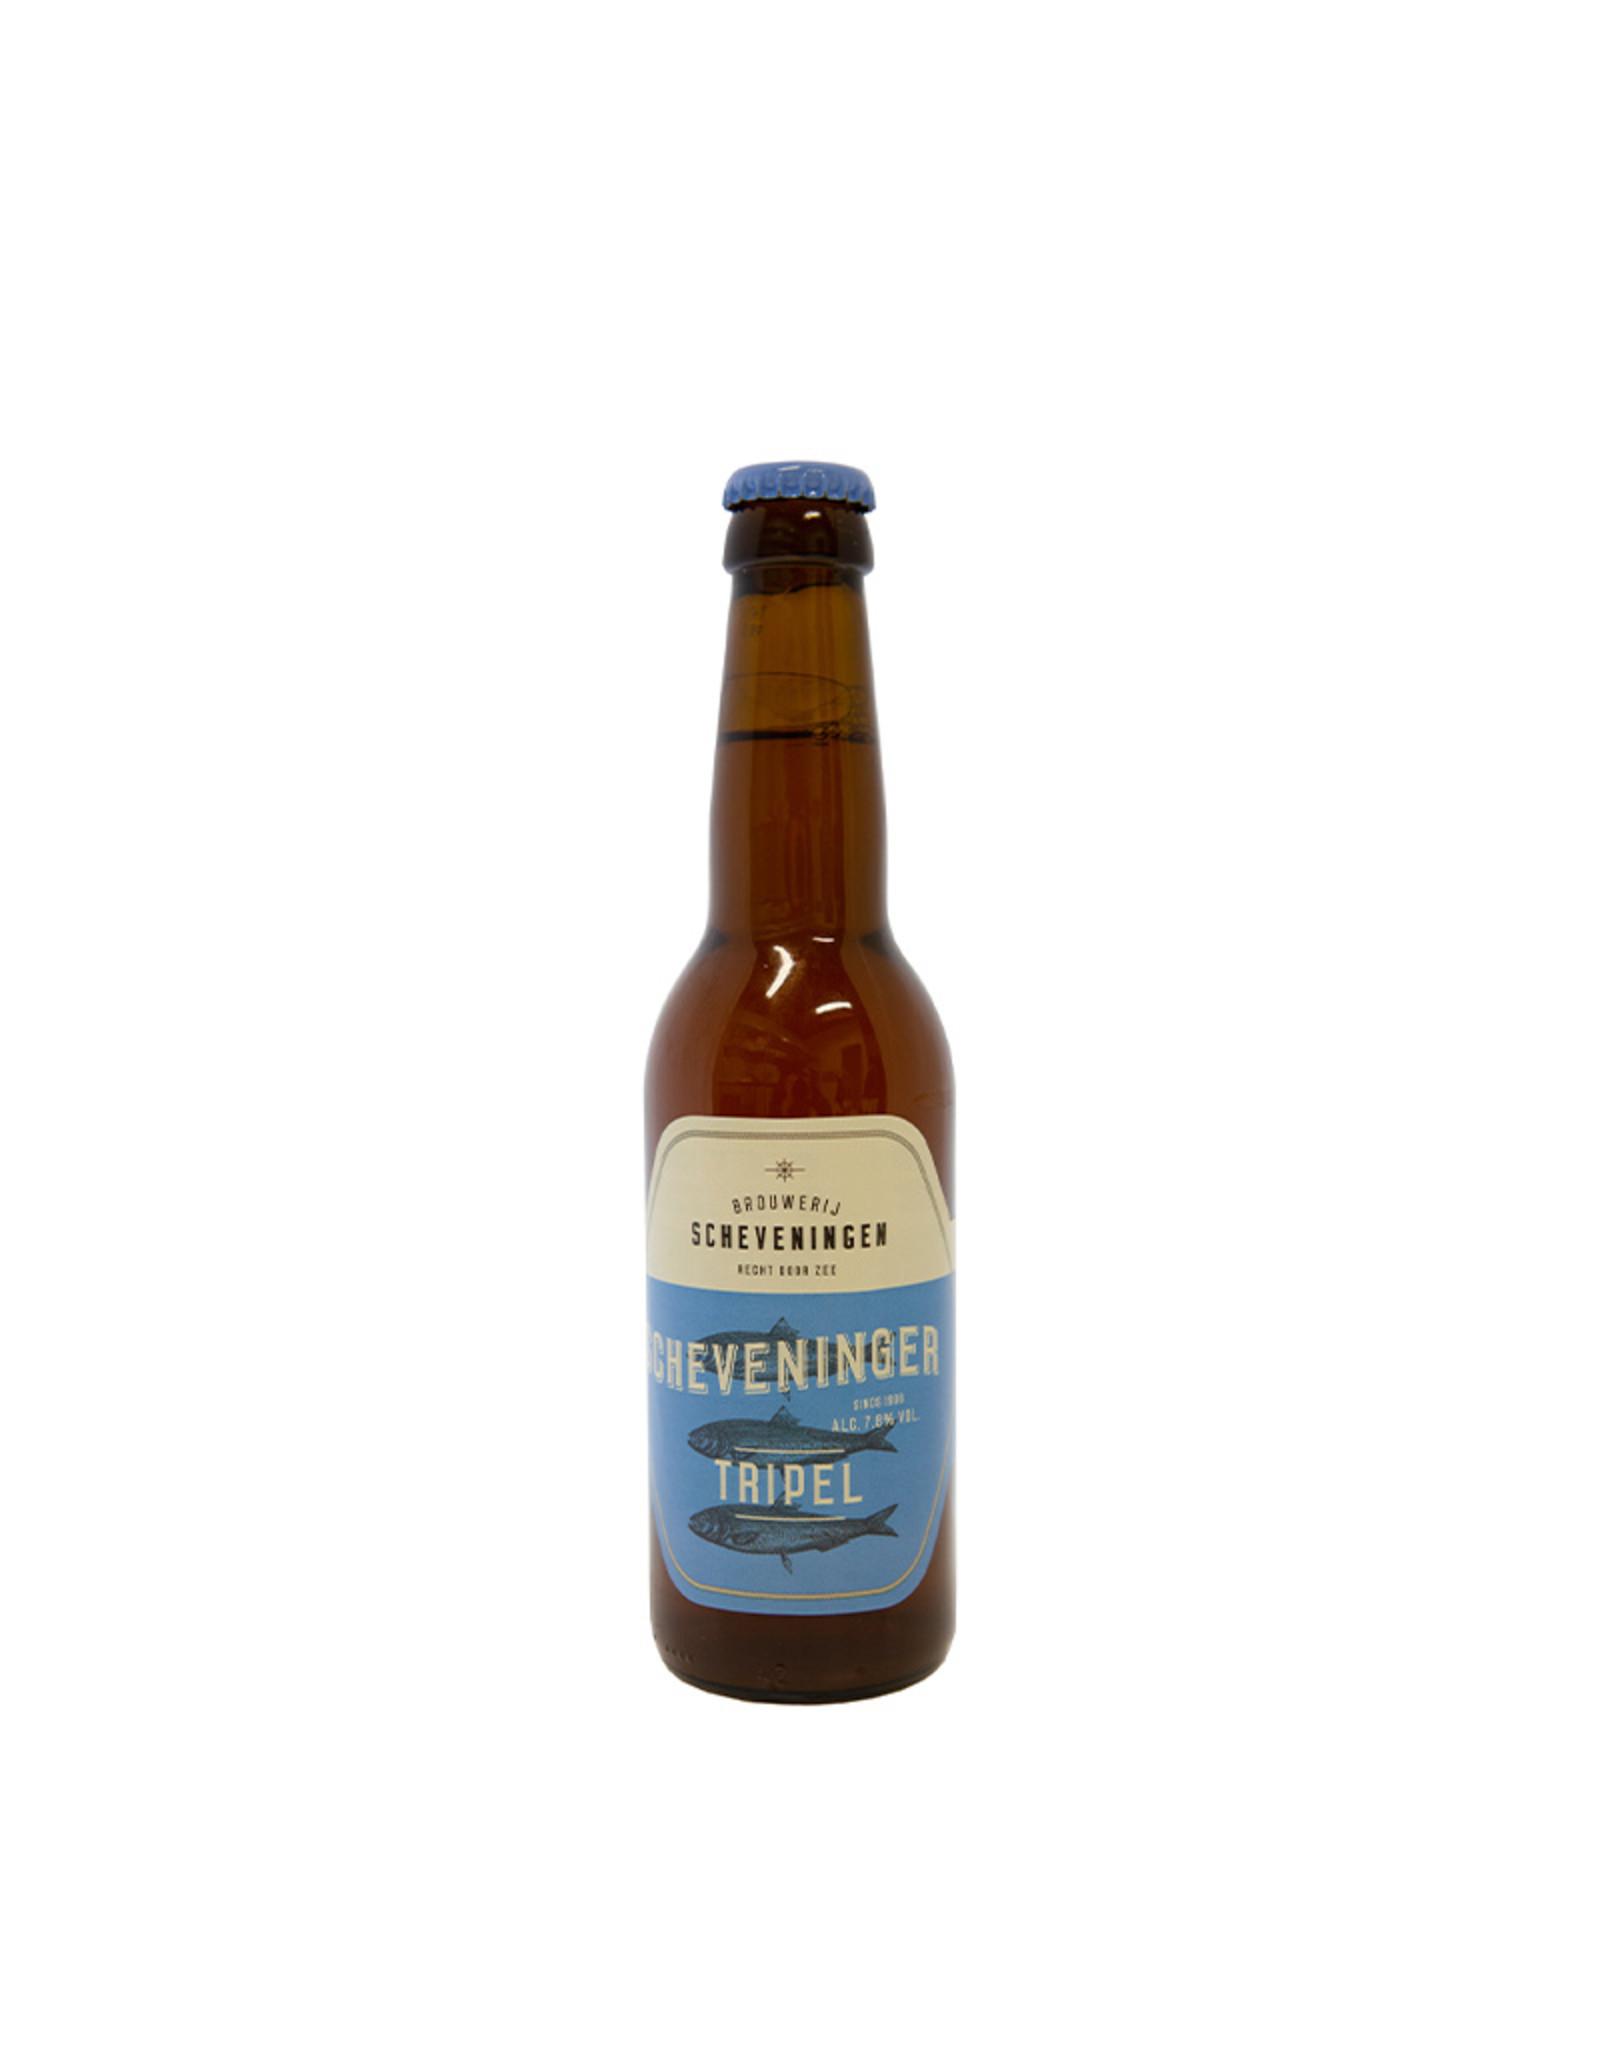 Brouwerij Scheveningen Scheveninger Tripel - 33cl